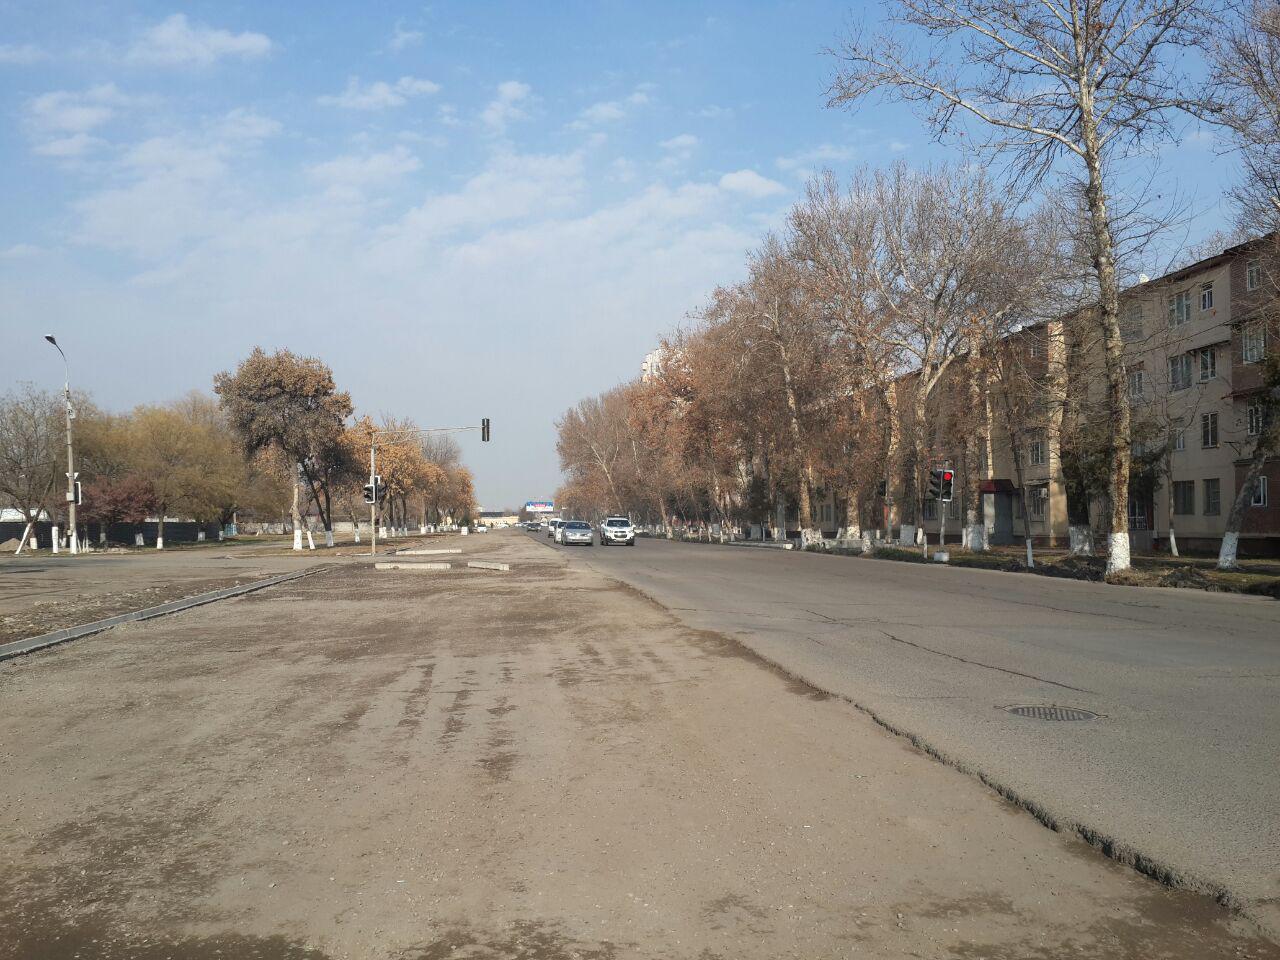 Ремонт дороги, обещанный почти год назад, решили начать с вырубки многолетних деревьев (фото)